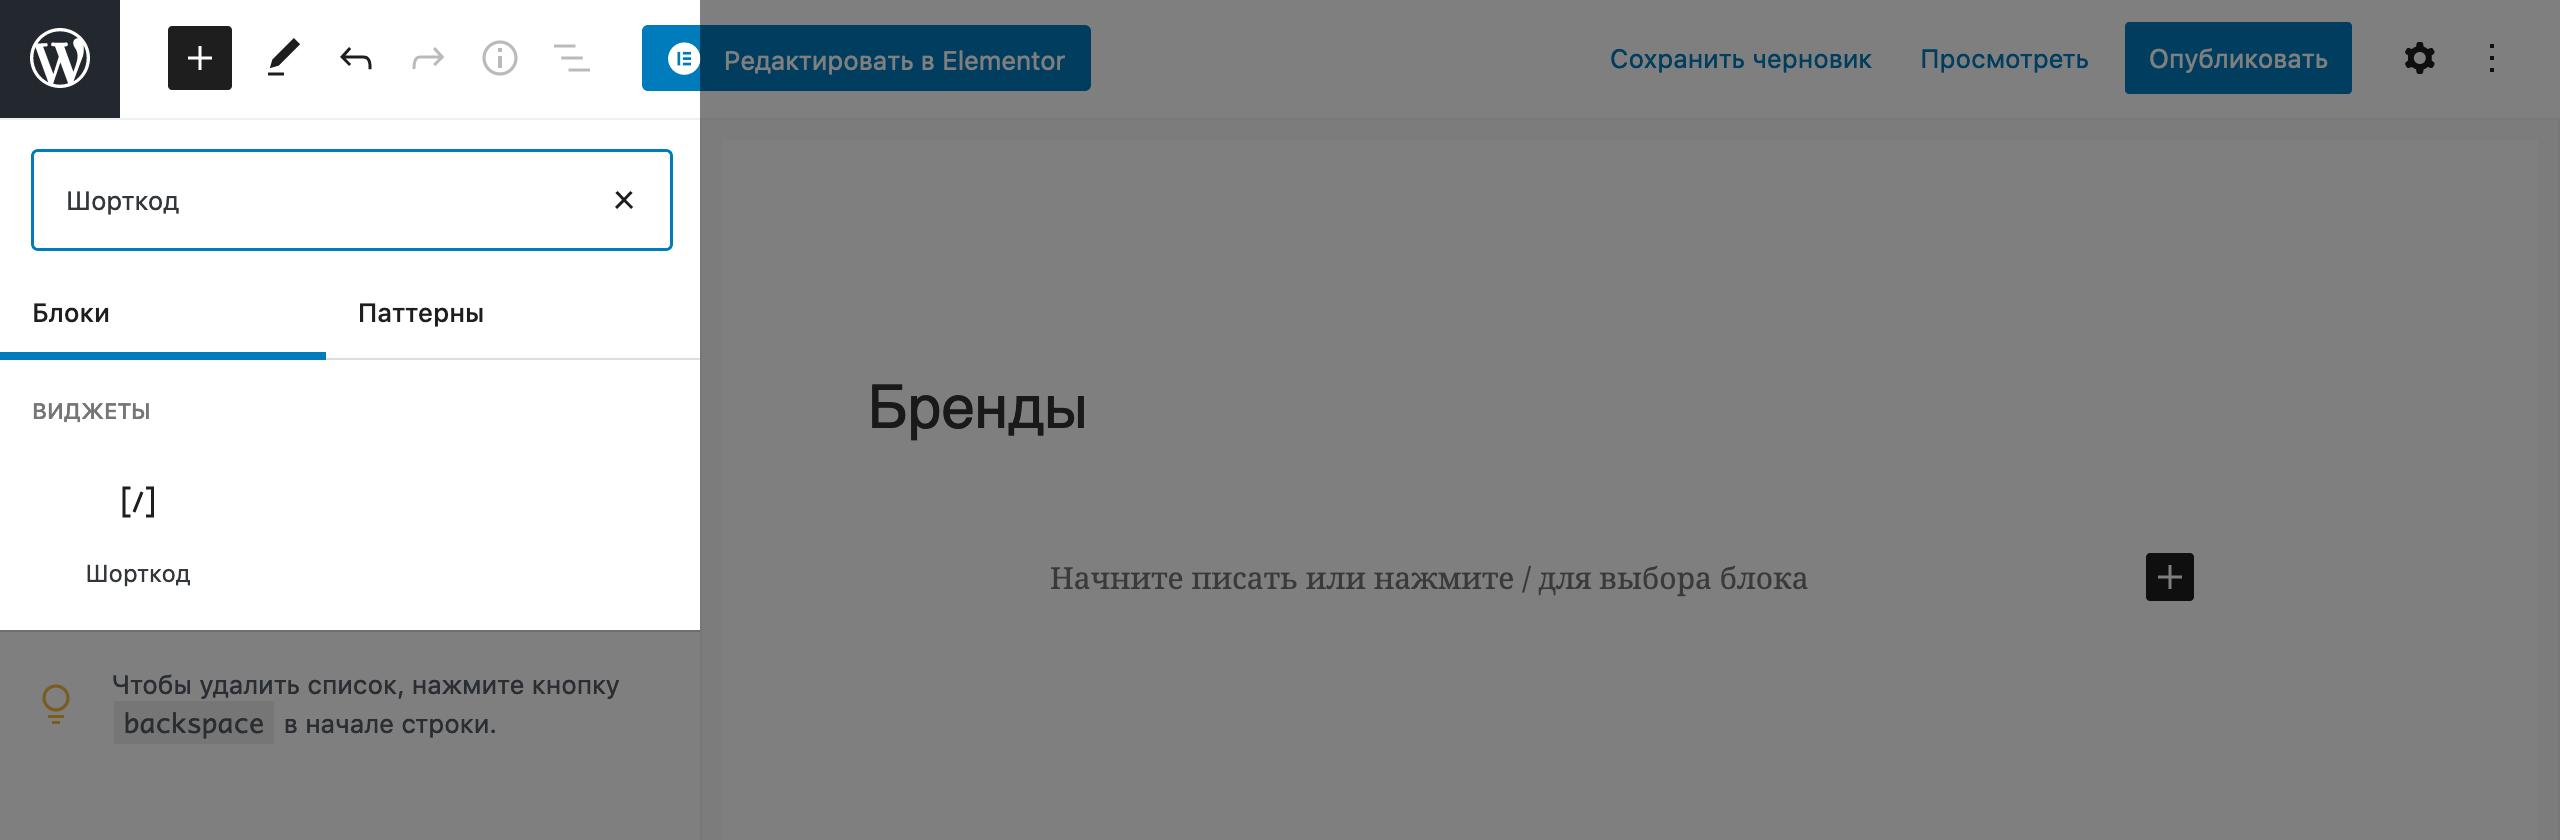 WordPress интернет-магазин: добавление блока с шорткодом на страницу